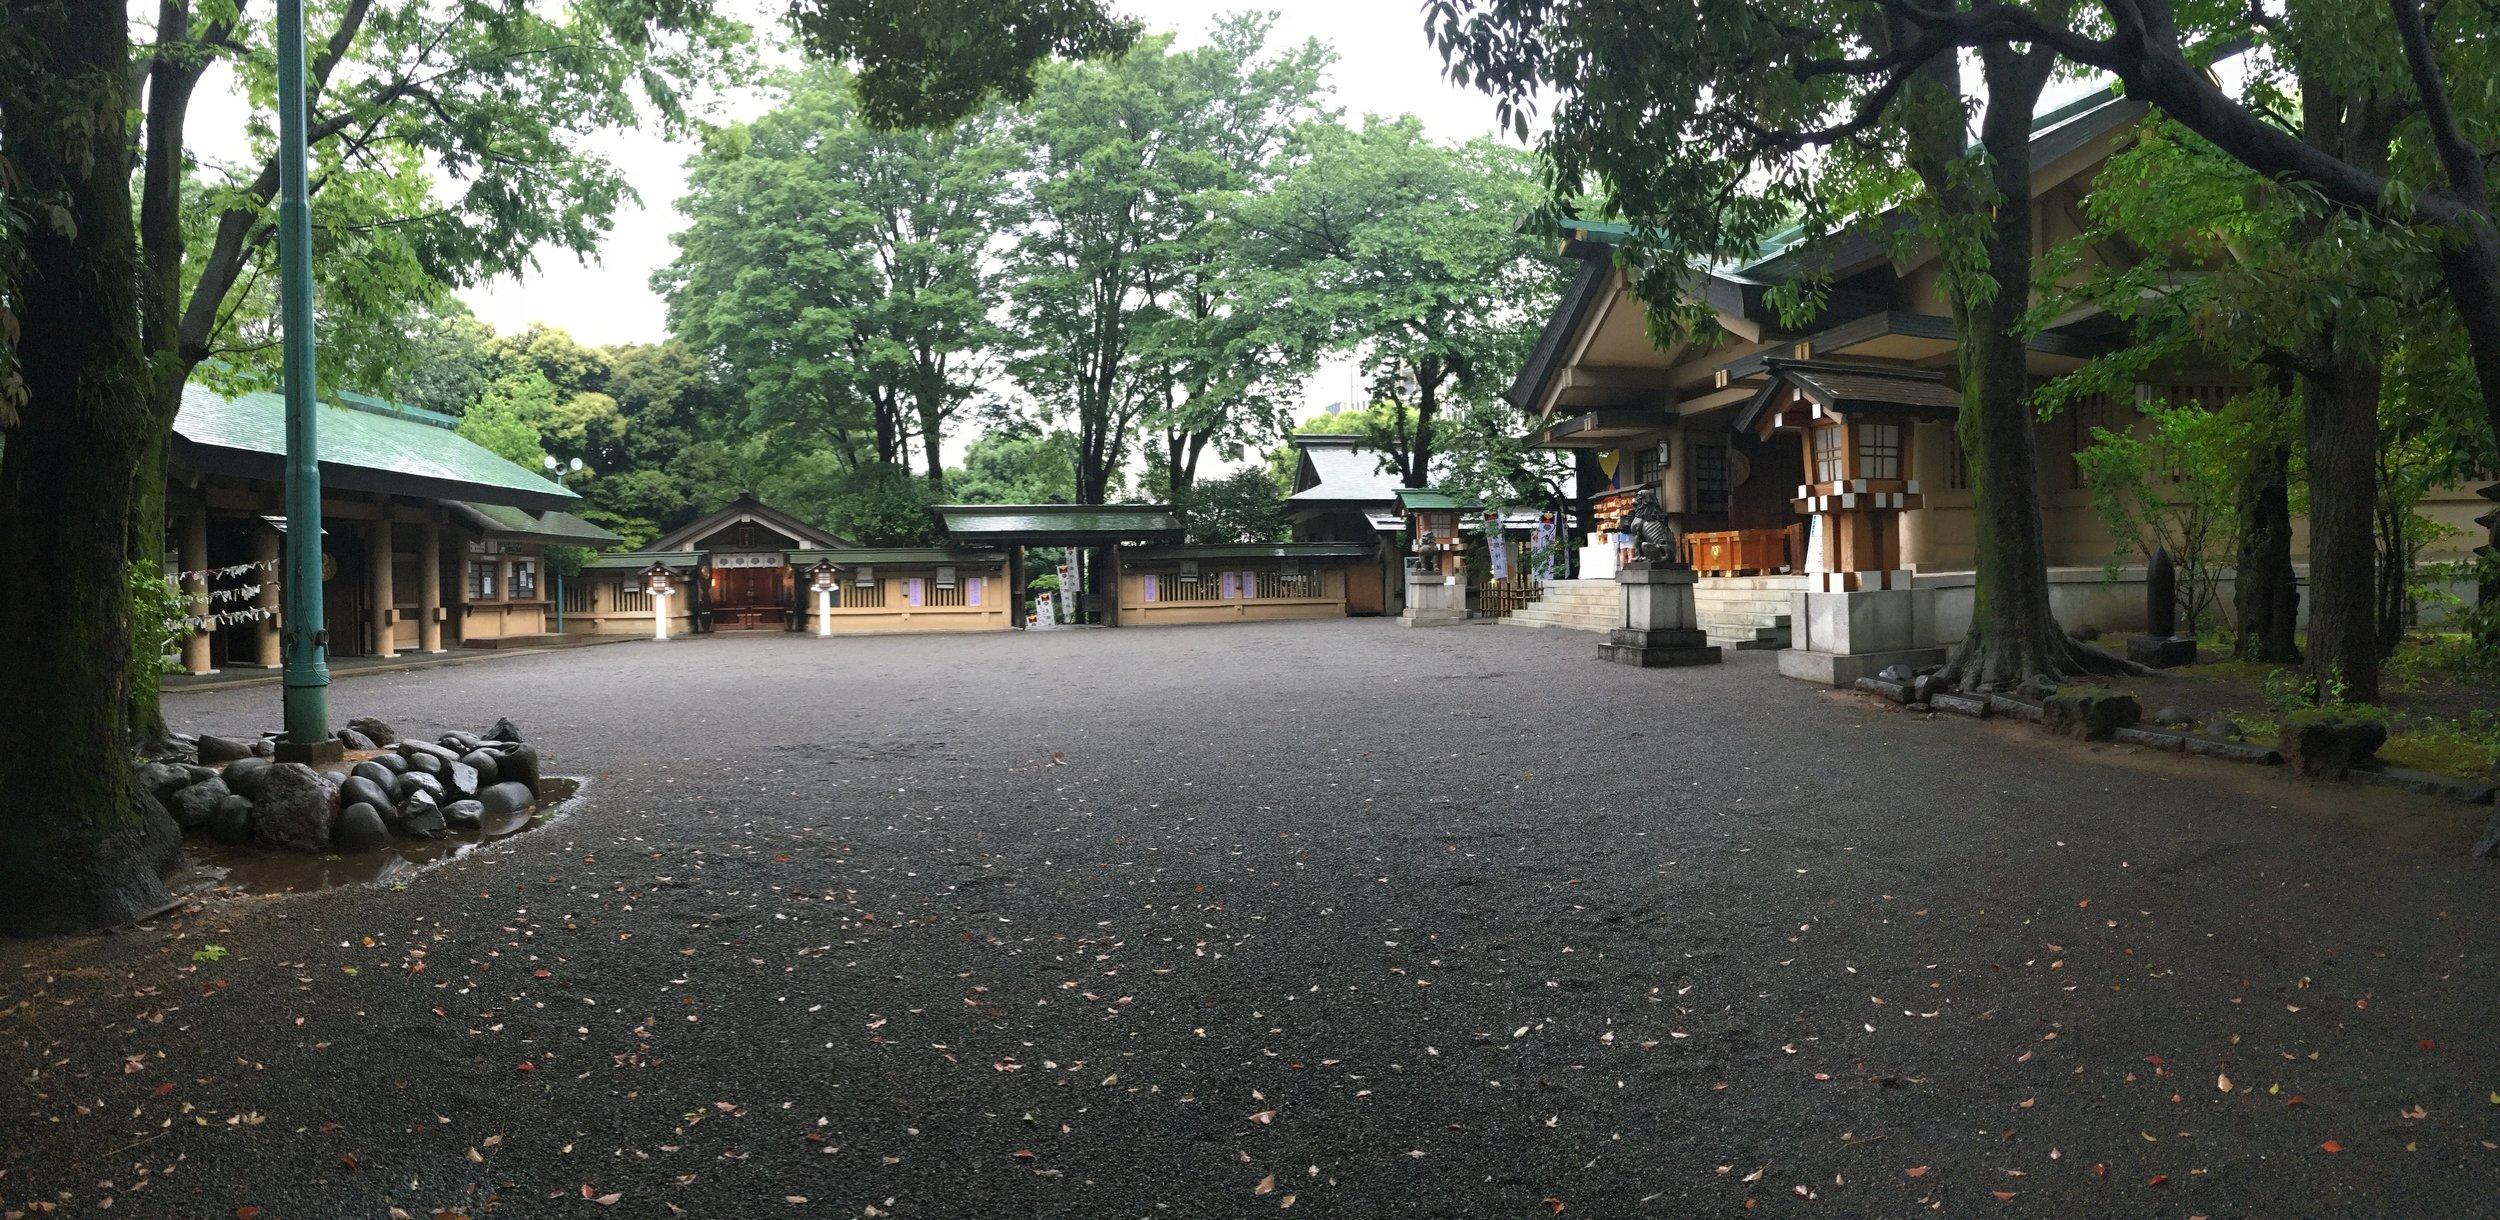 Togo-Jina Shrine